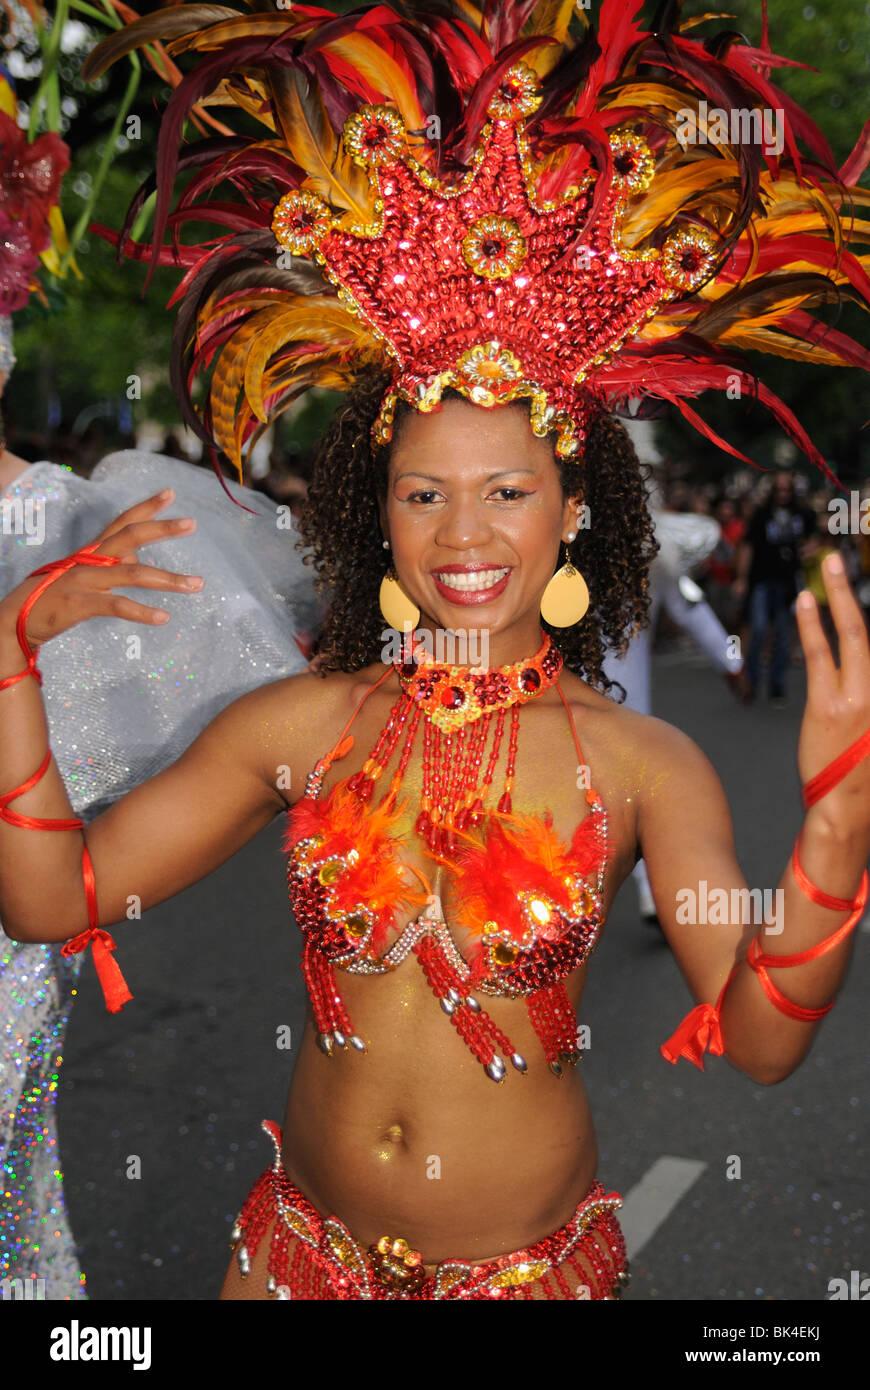 Bailarín de Samba brasileña en el Karneval der Kulturen, el Carnaval de las Culturas, Berlín, distrito Imagen De Stock